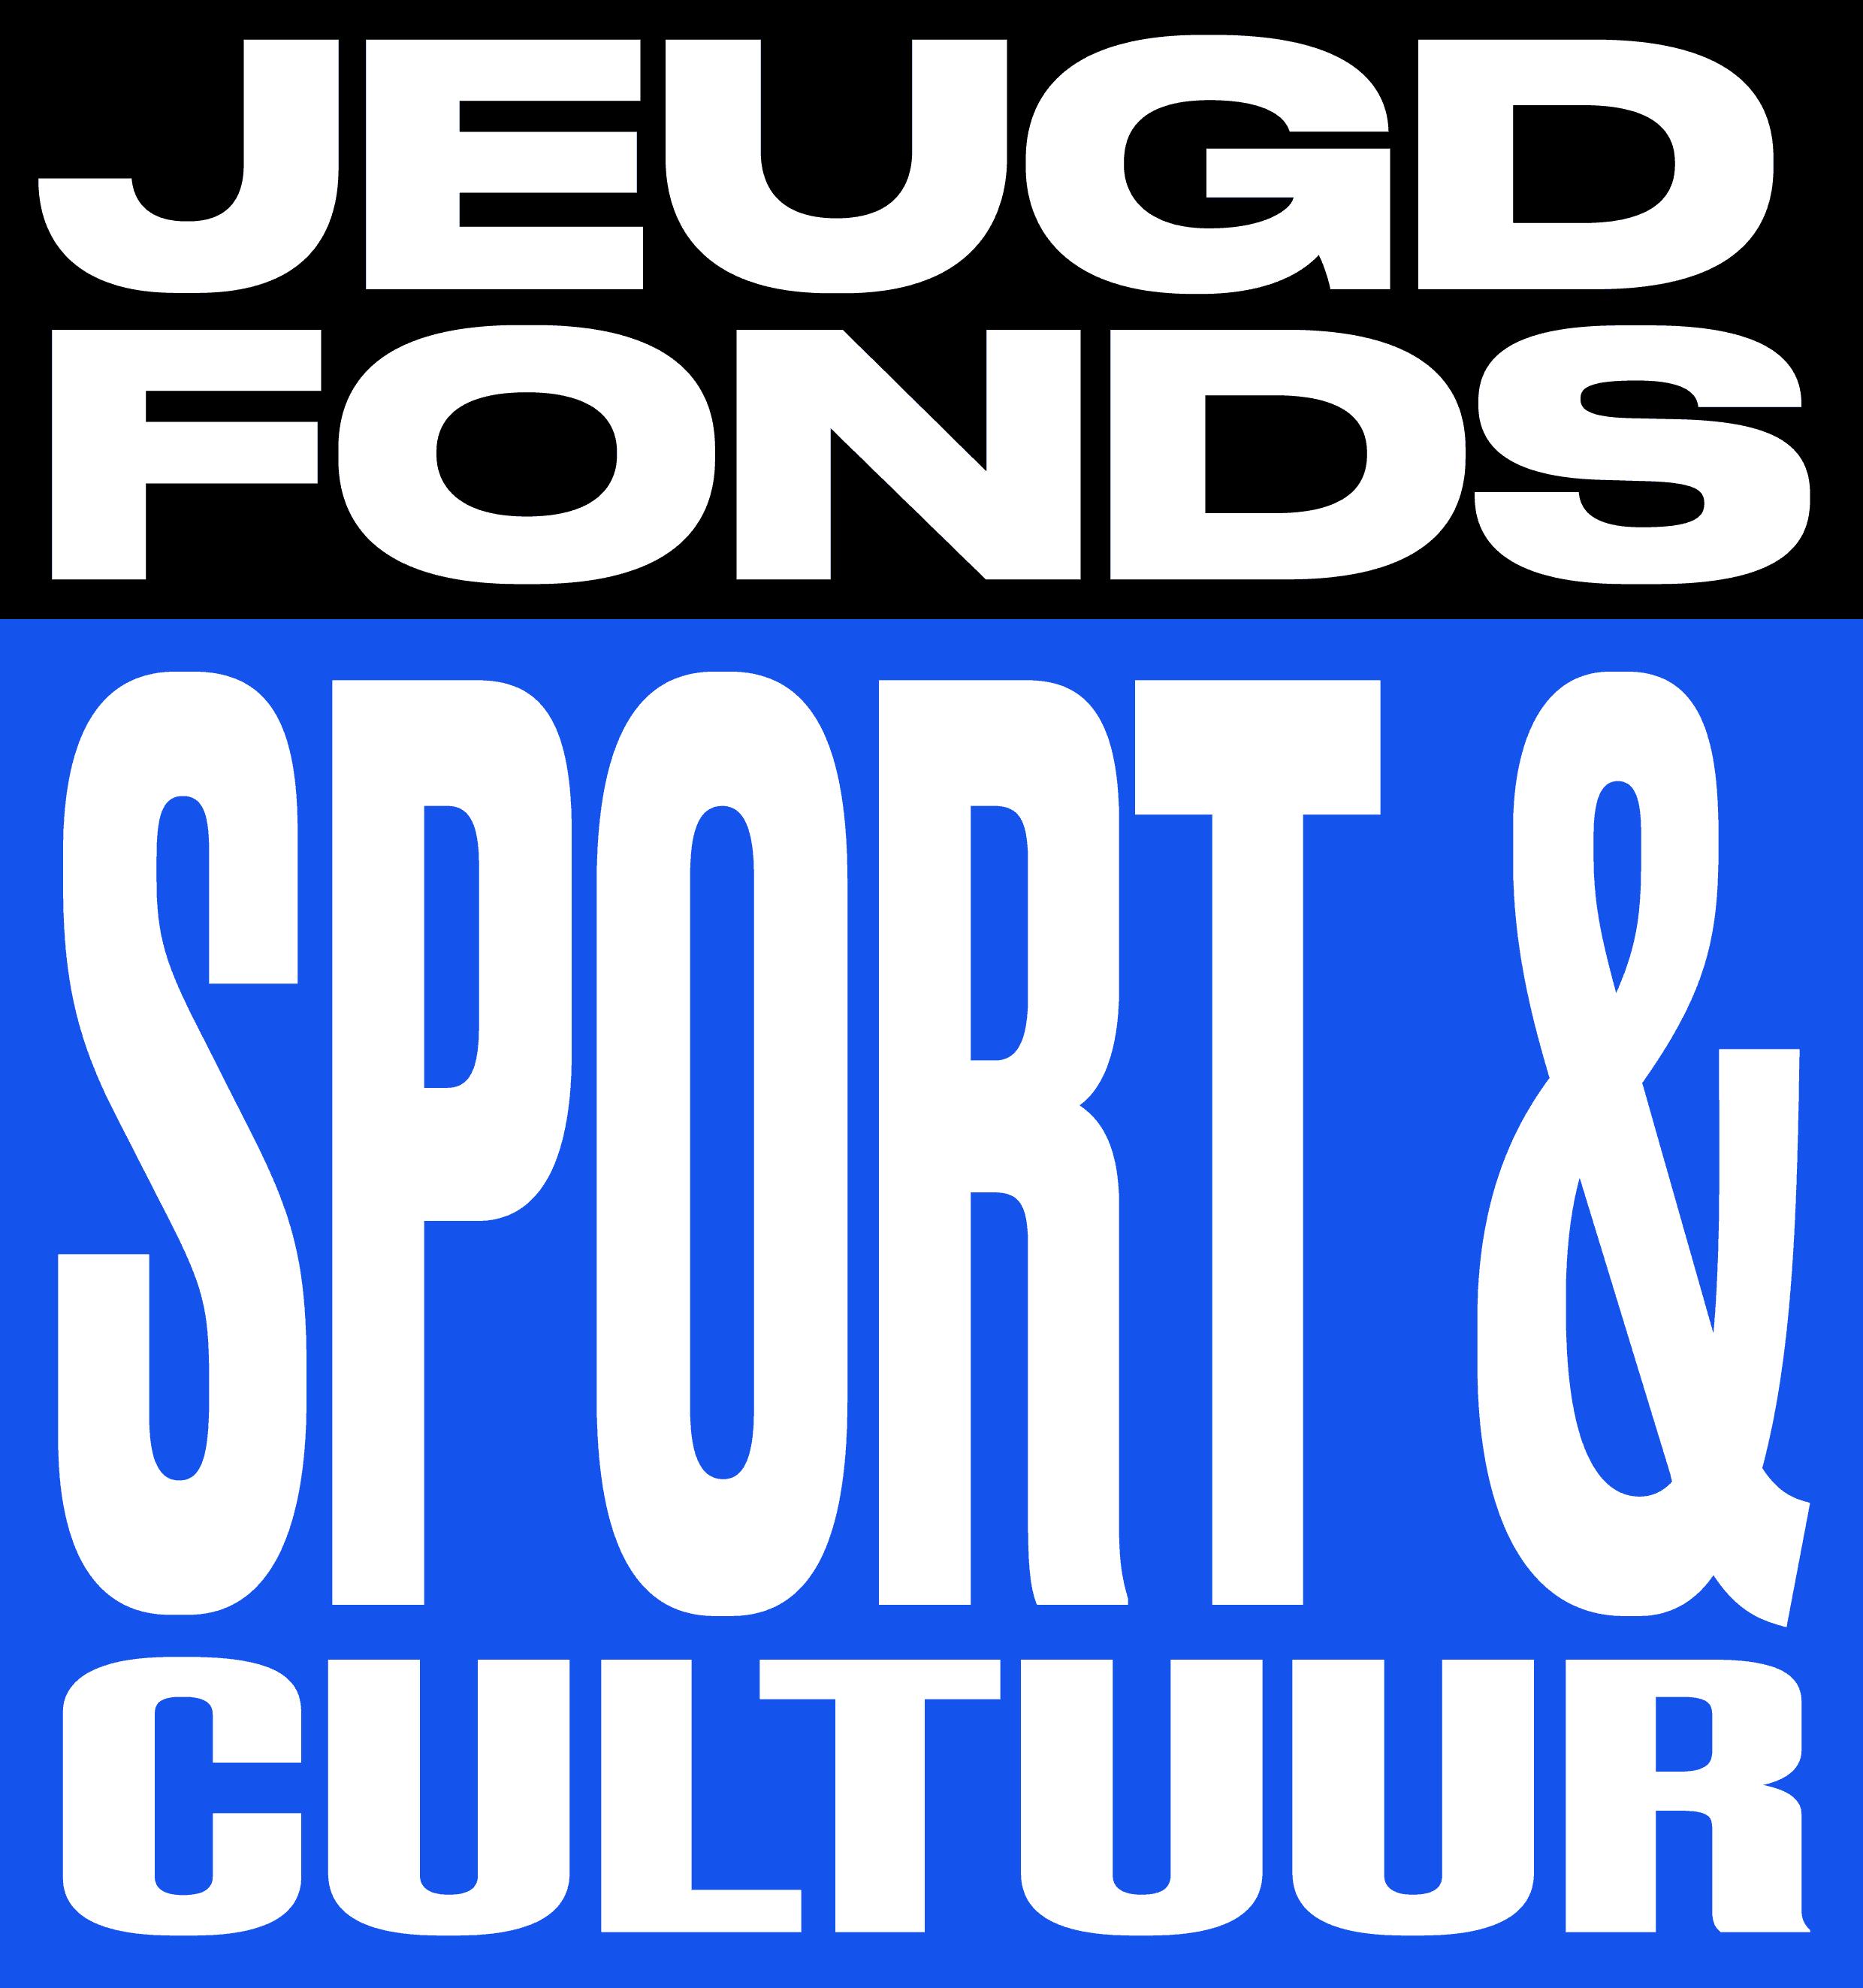 Logo-Jeugdfonds-SPORT-cultuur-2